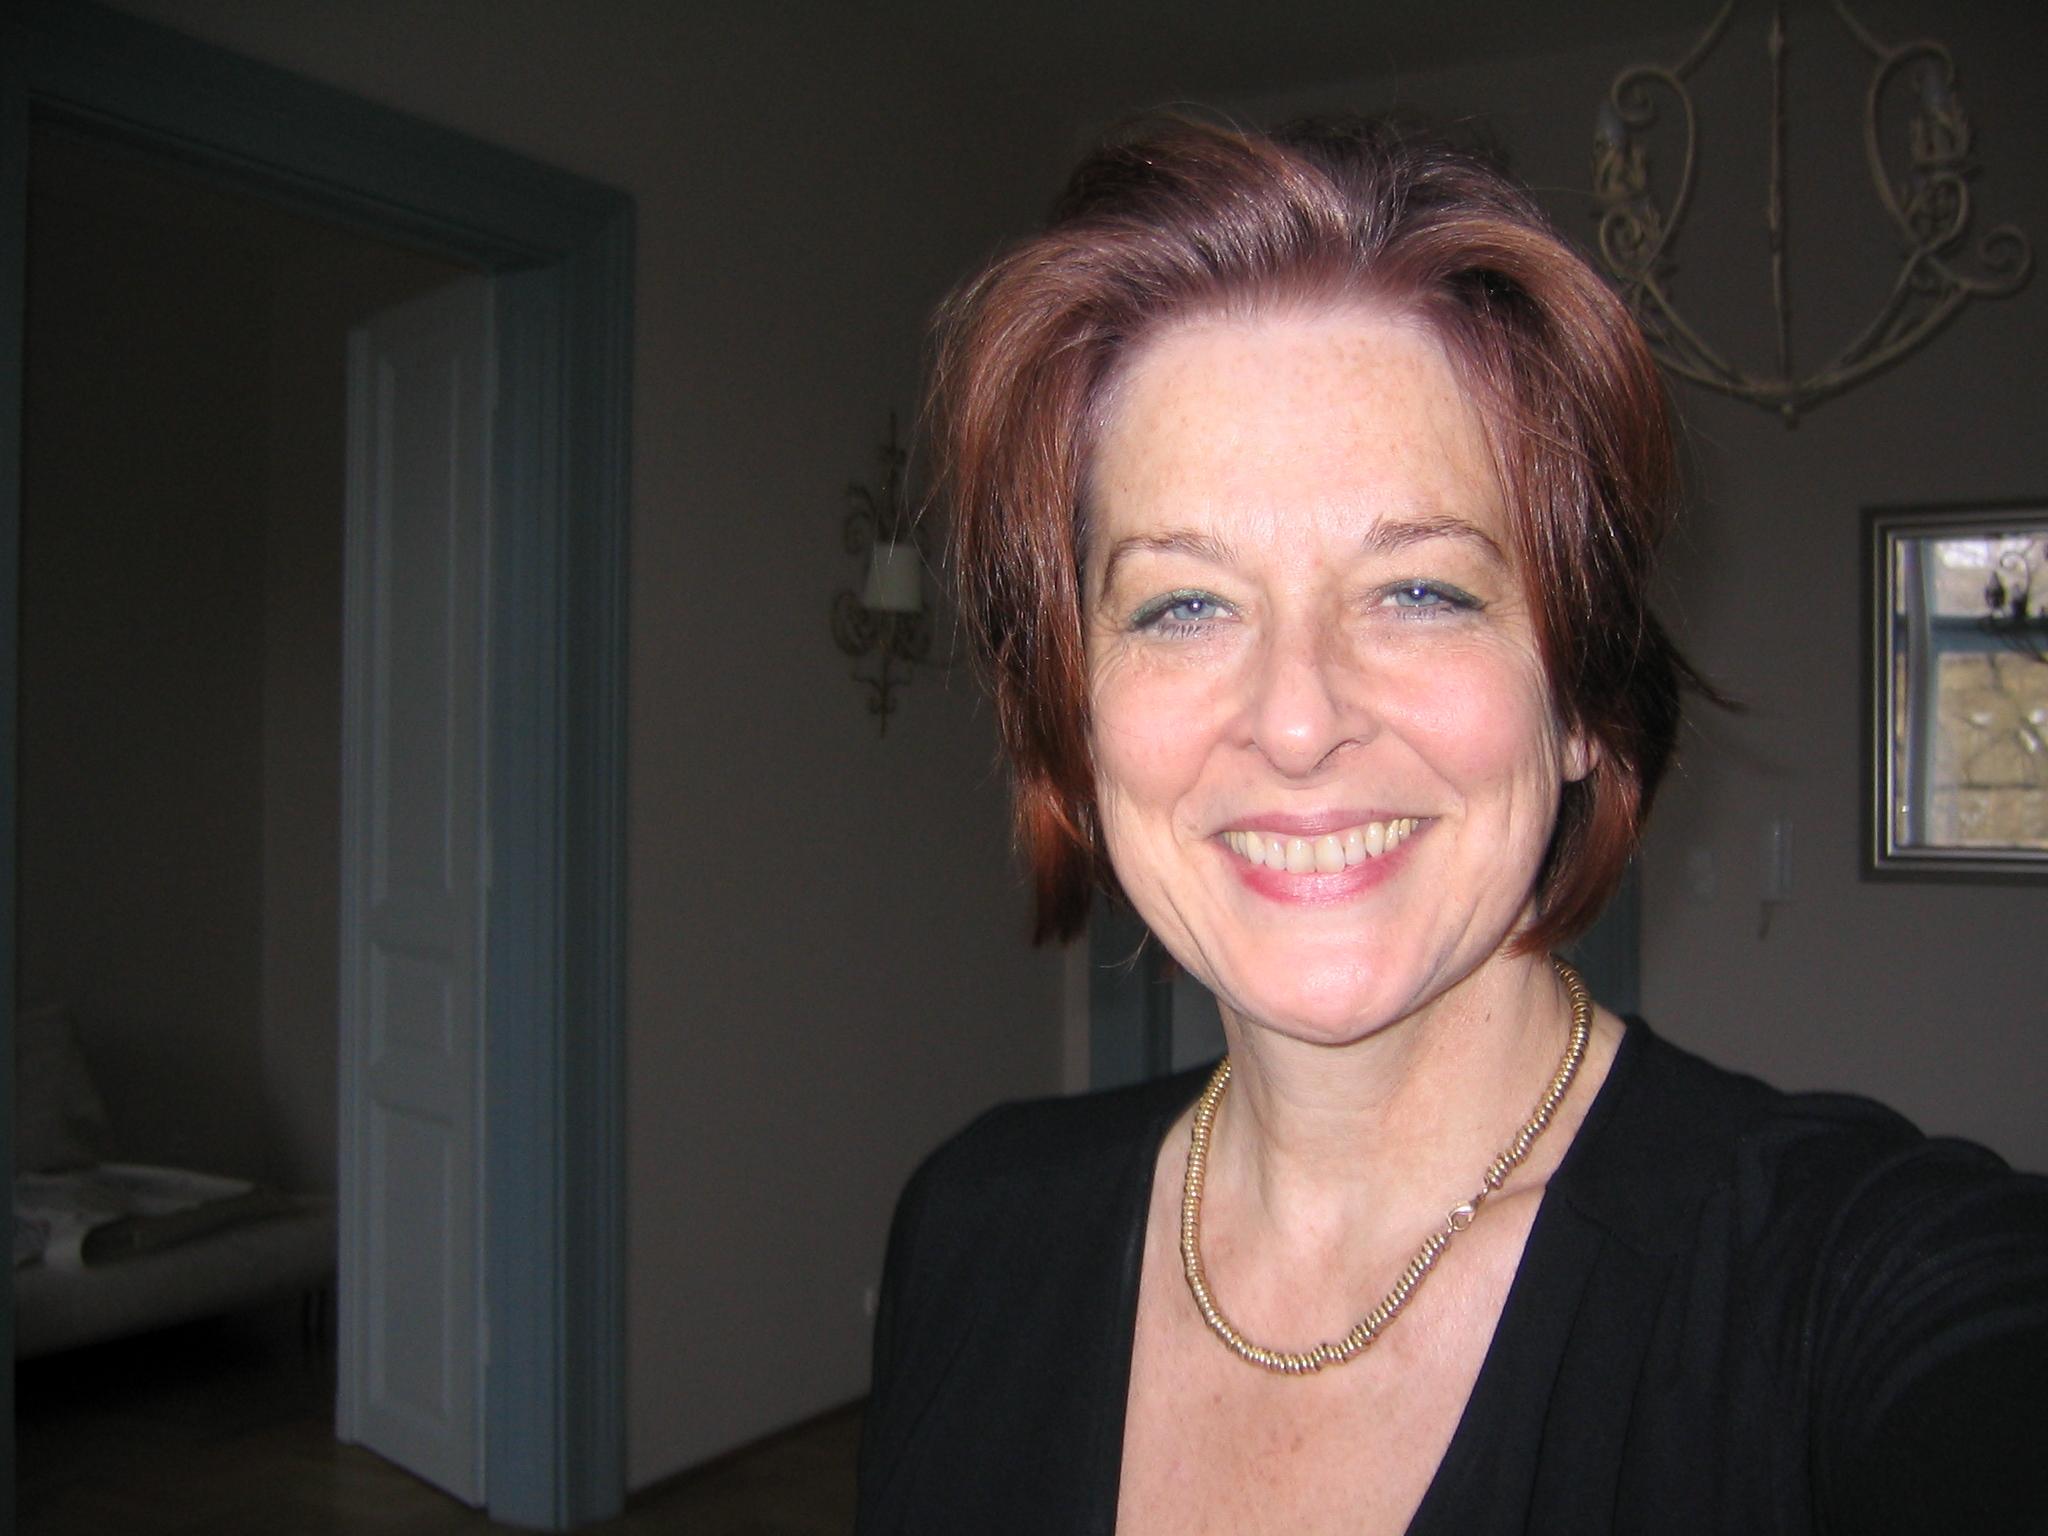 Monika Houck